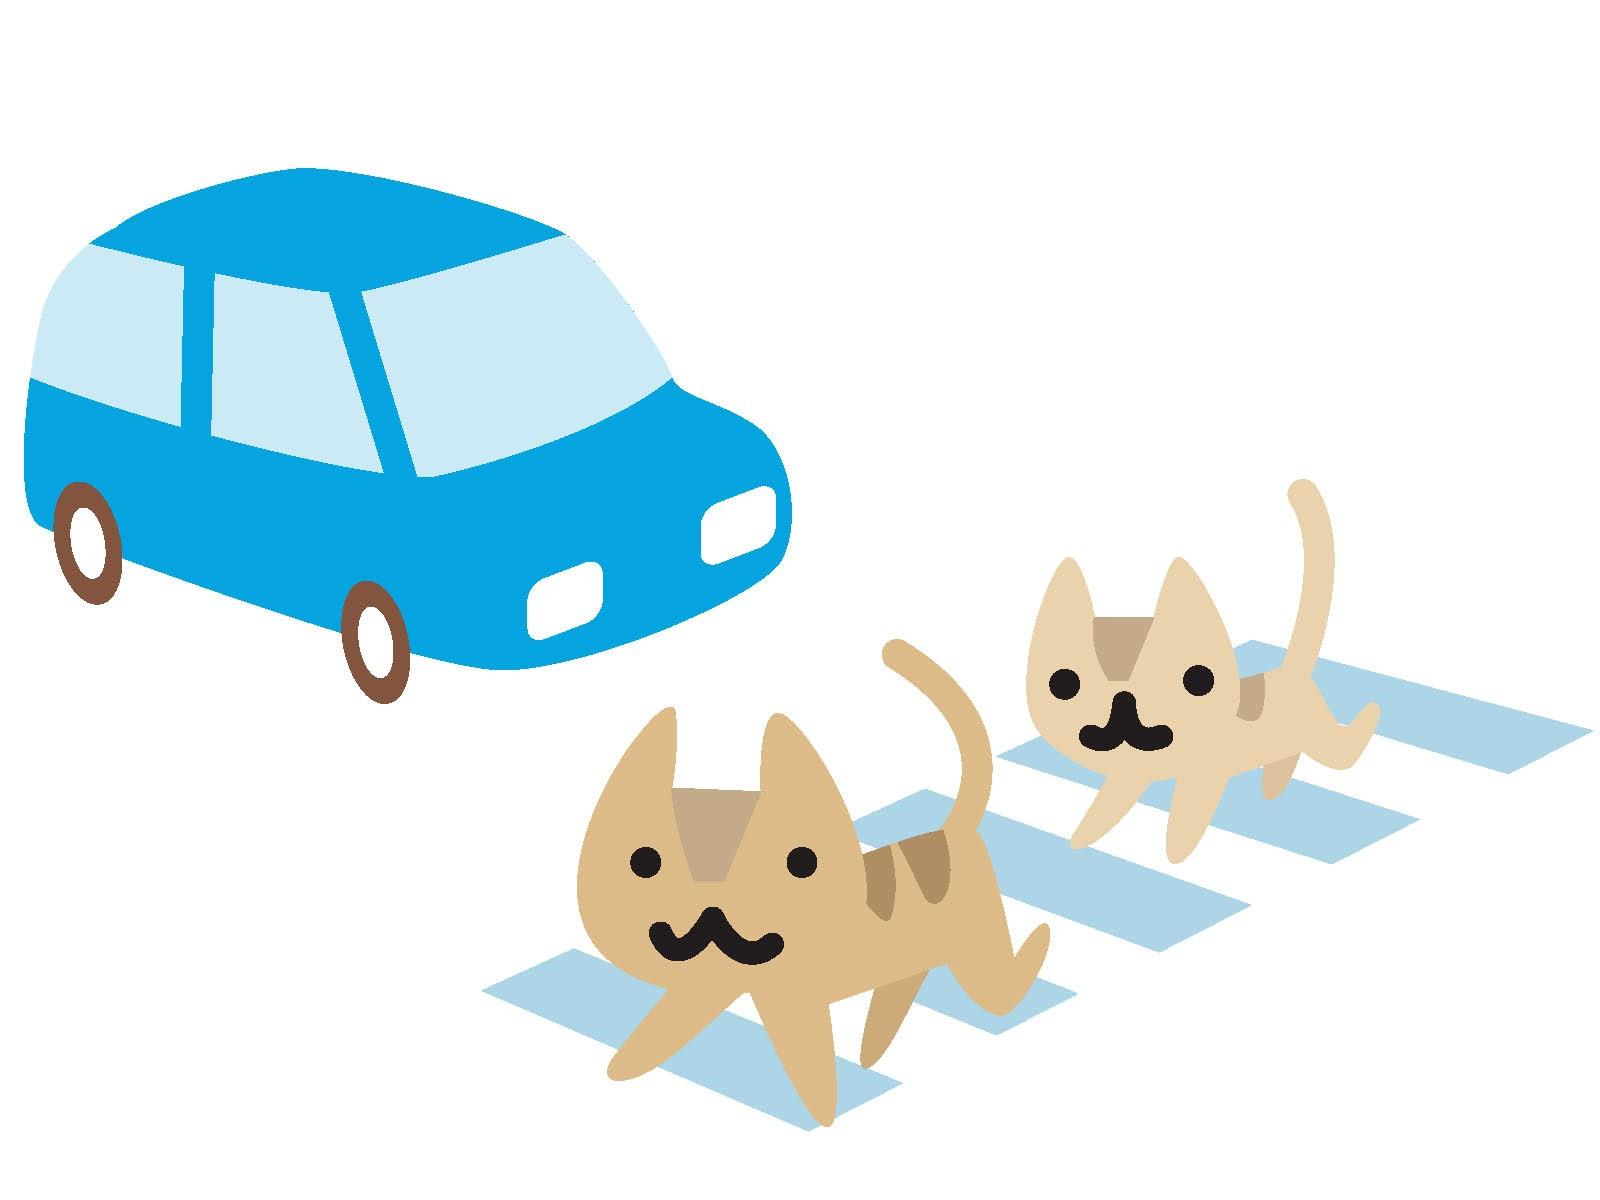 【安全運転】教習所では教えてくれない無事故の秘訣。その神髄とは?